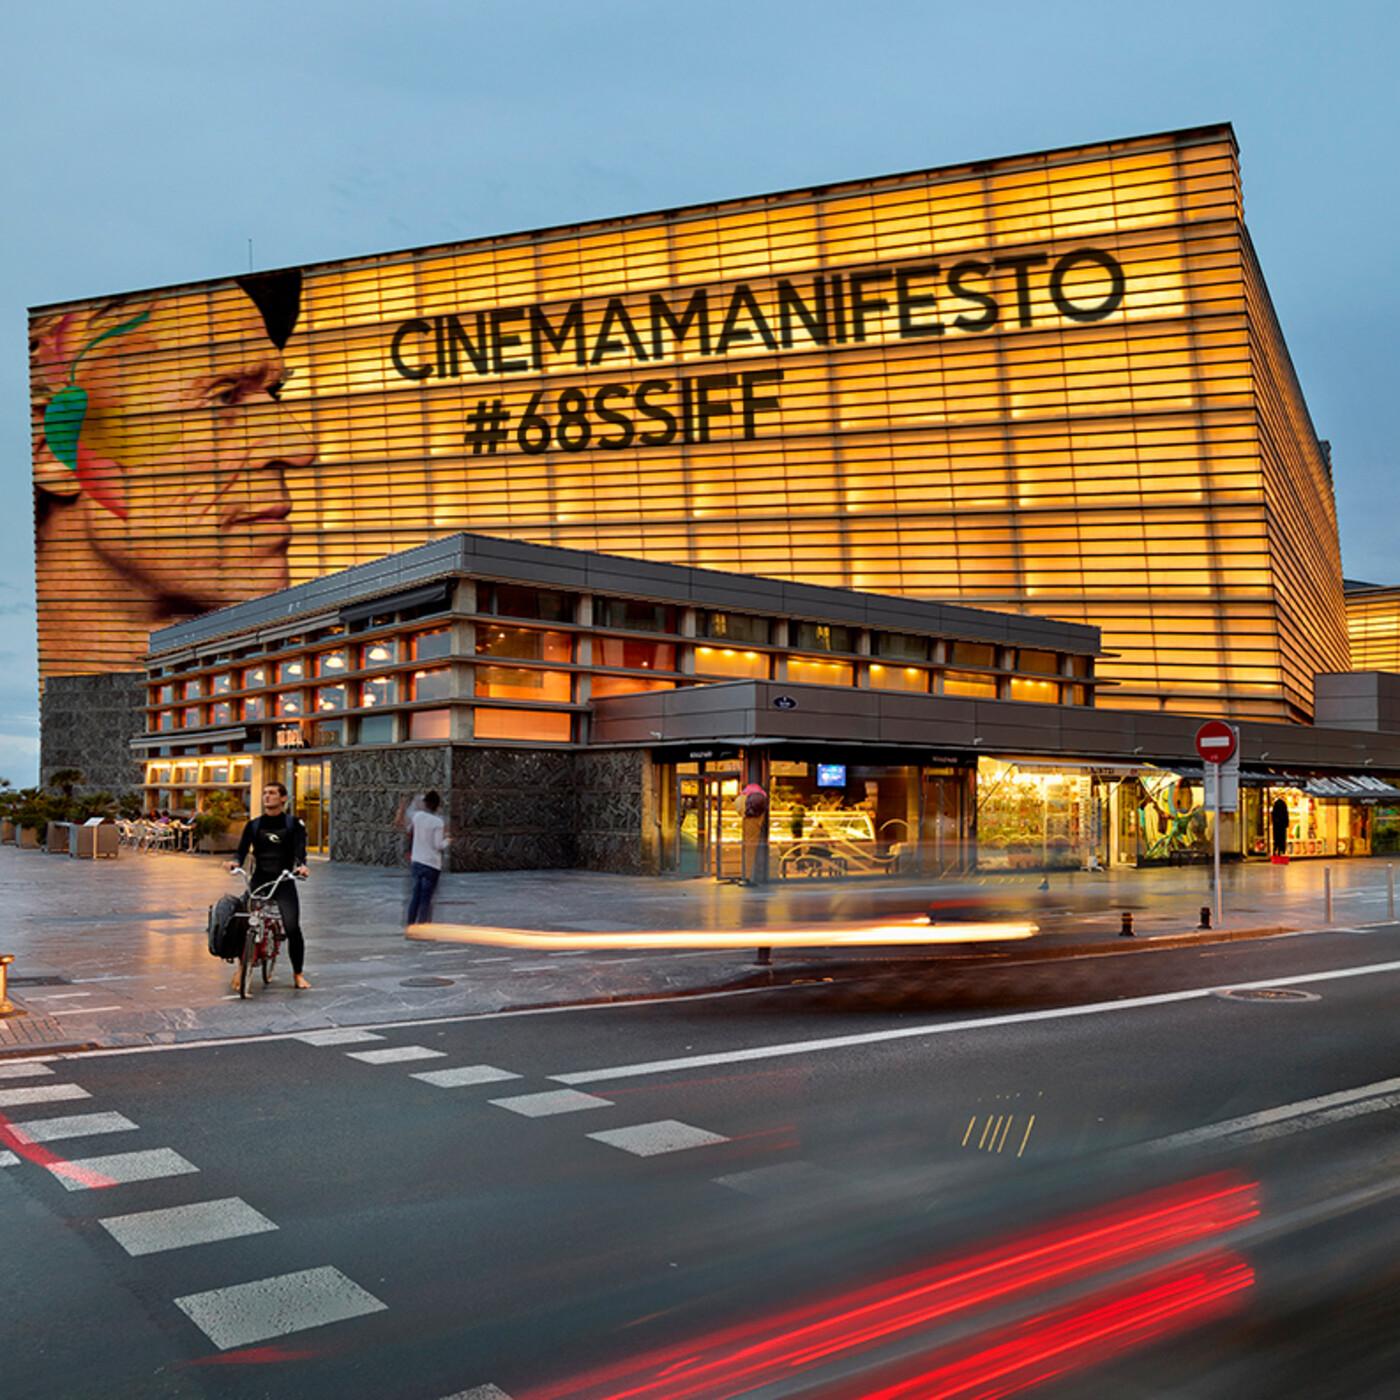 Cinema Manifesto - #68SSIFF - Día 4 y 5: Aburrimiento y polémica en la SO